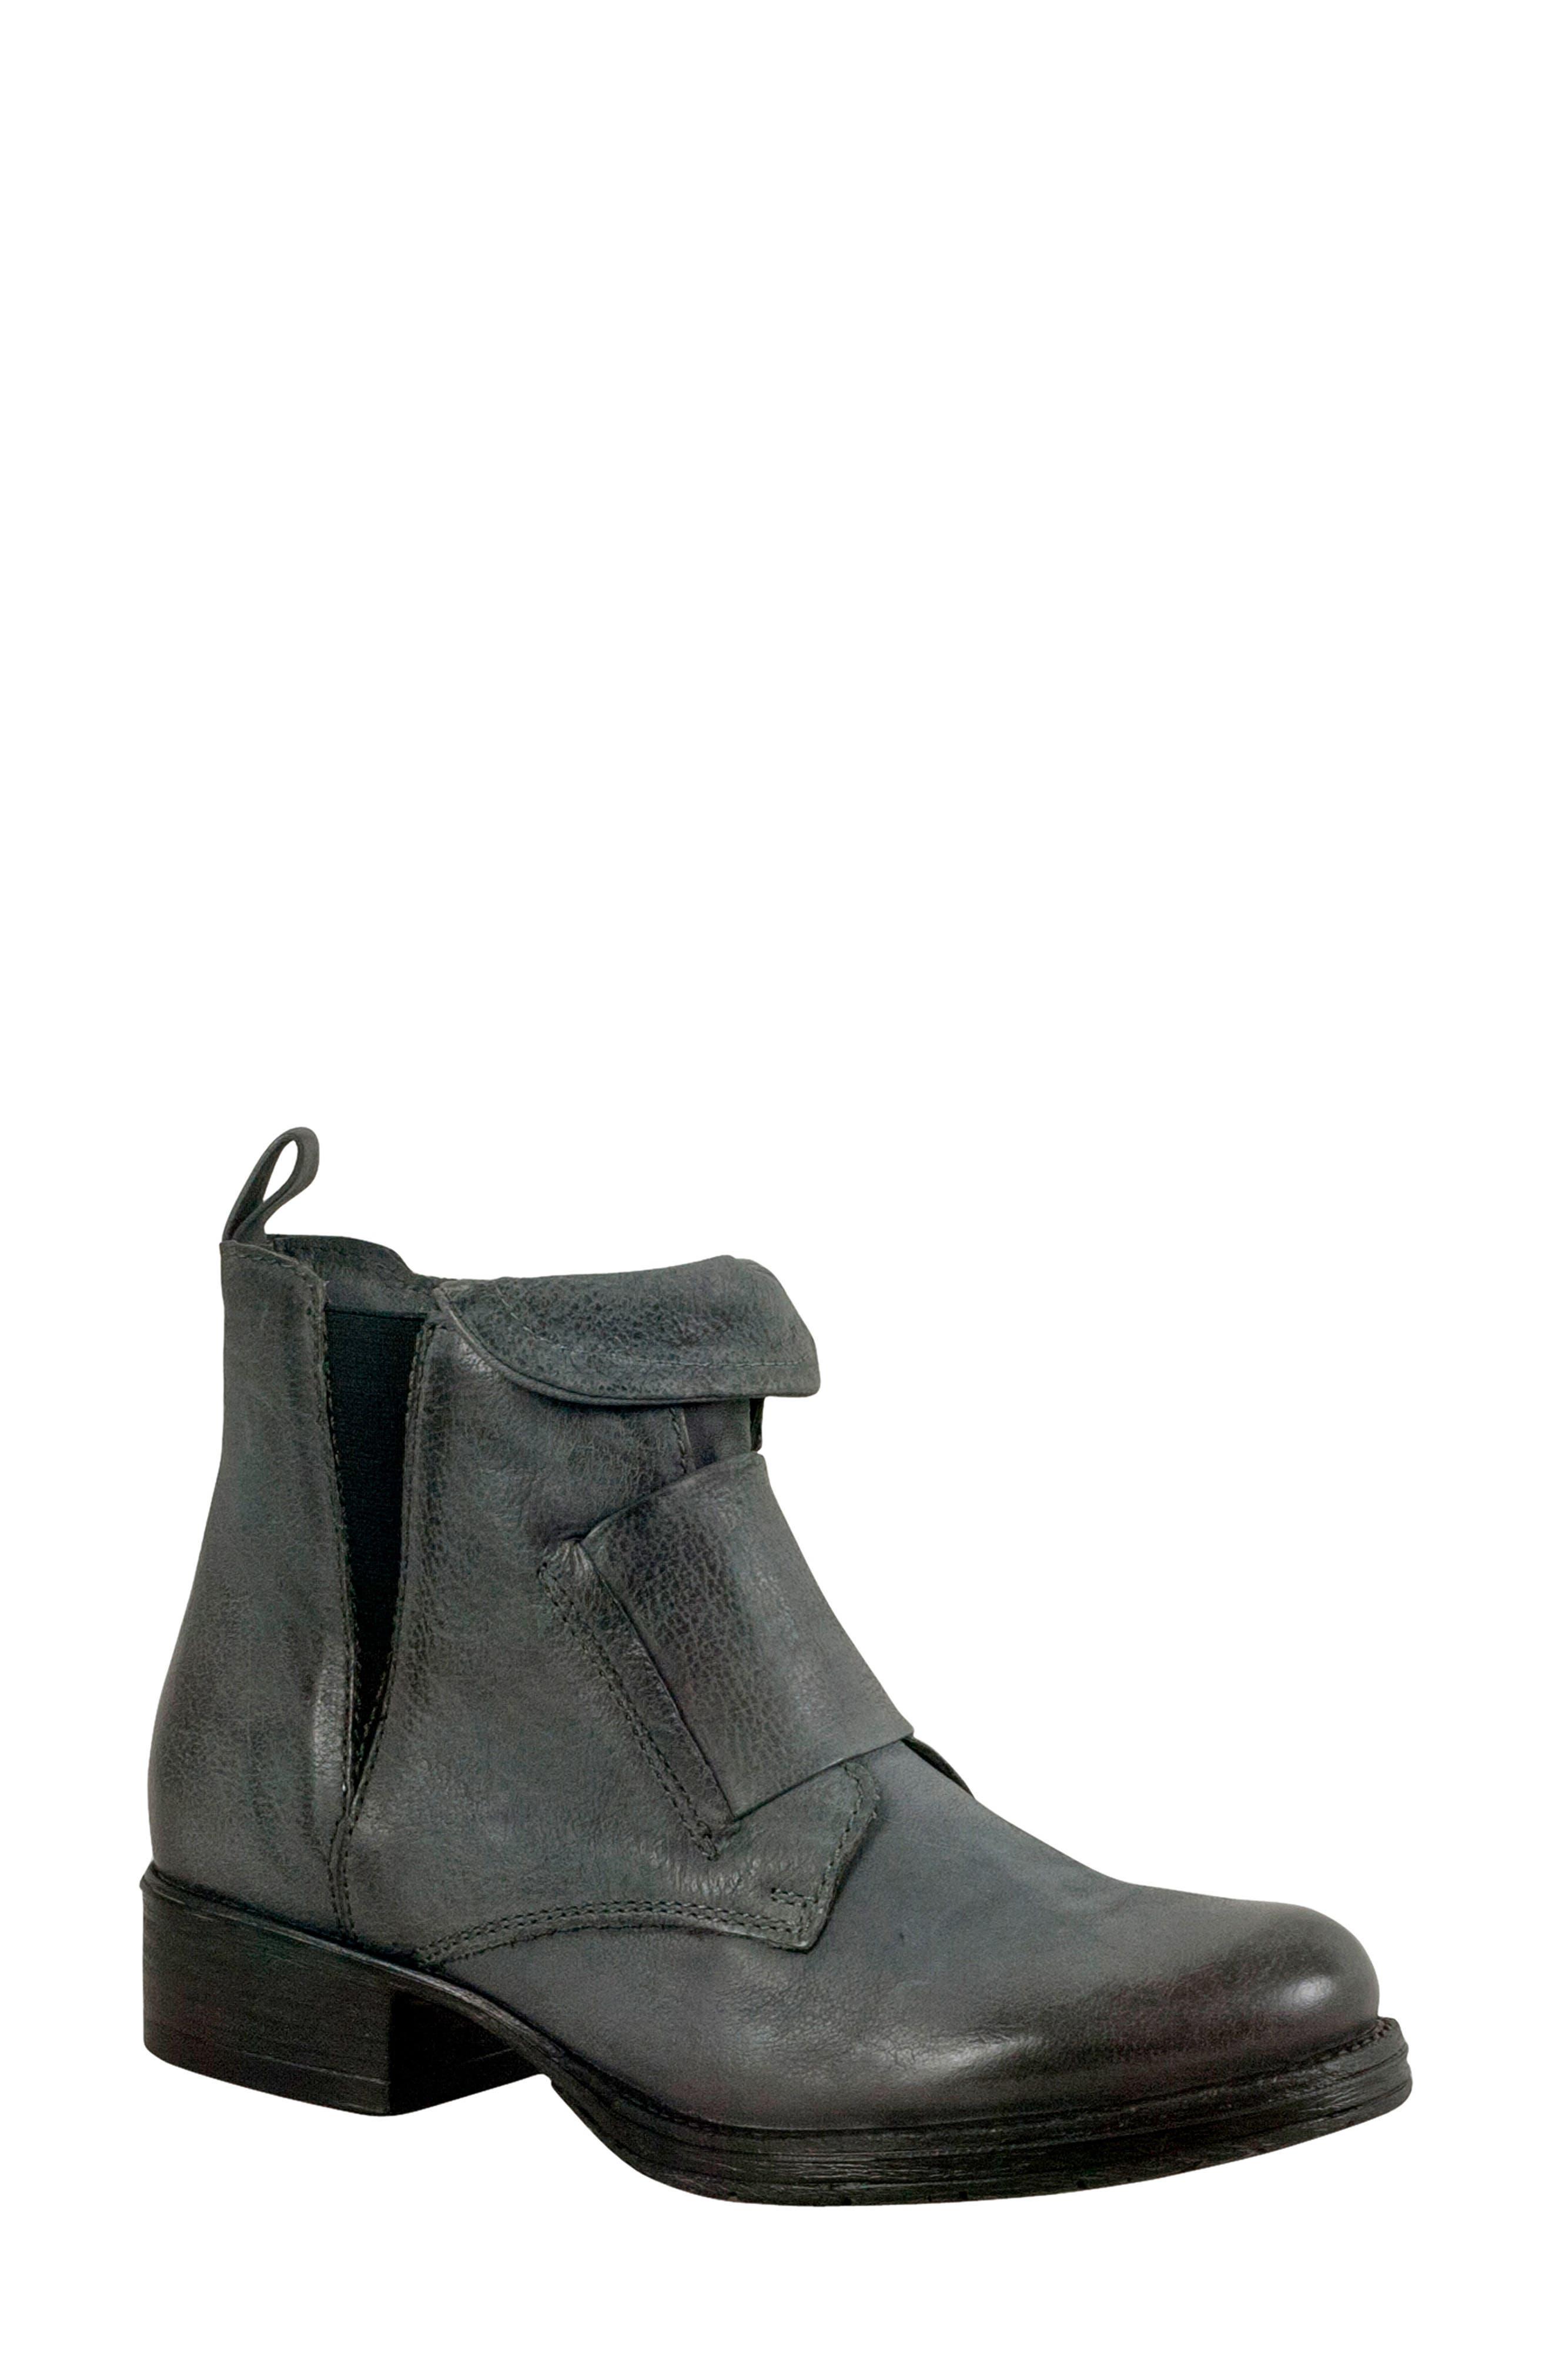 Miz Mooz Nicholas Boot, Grey